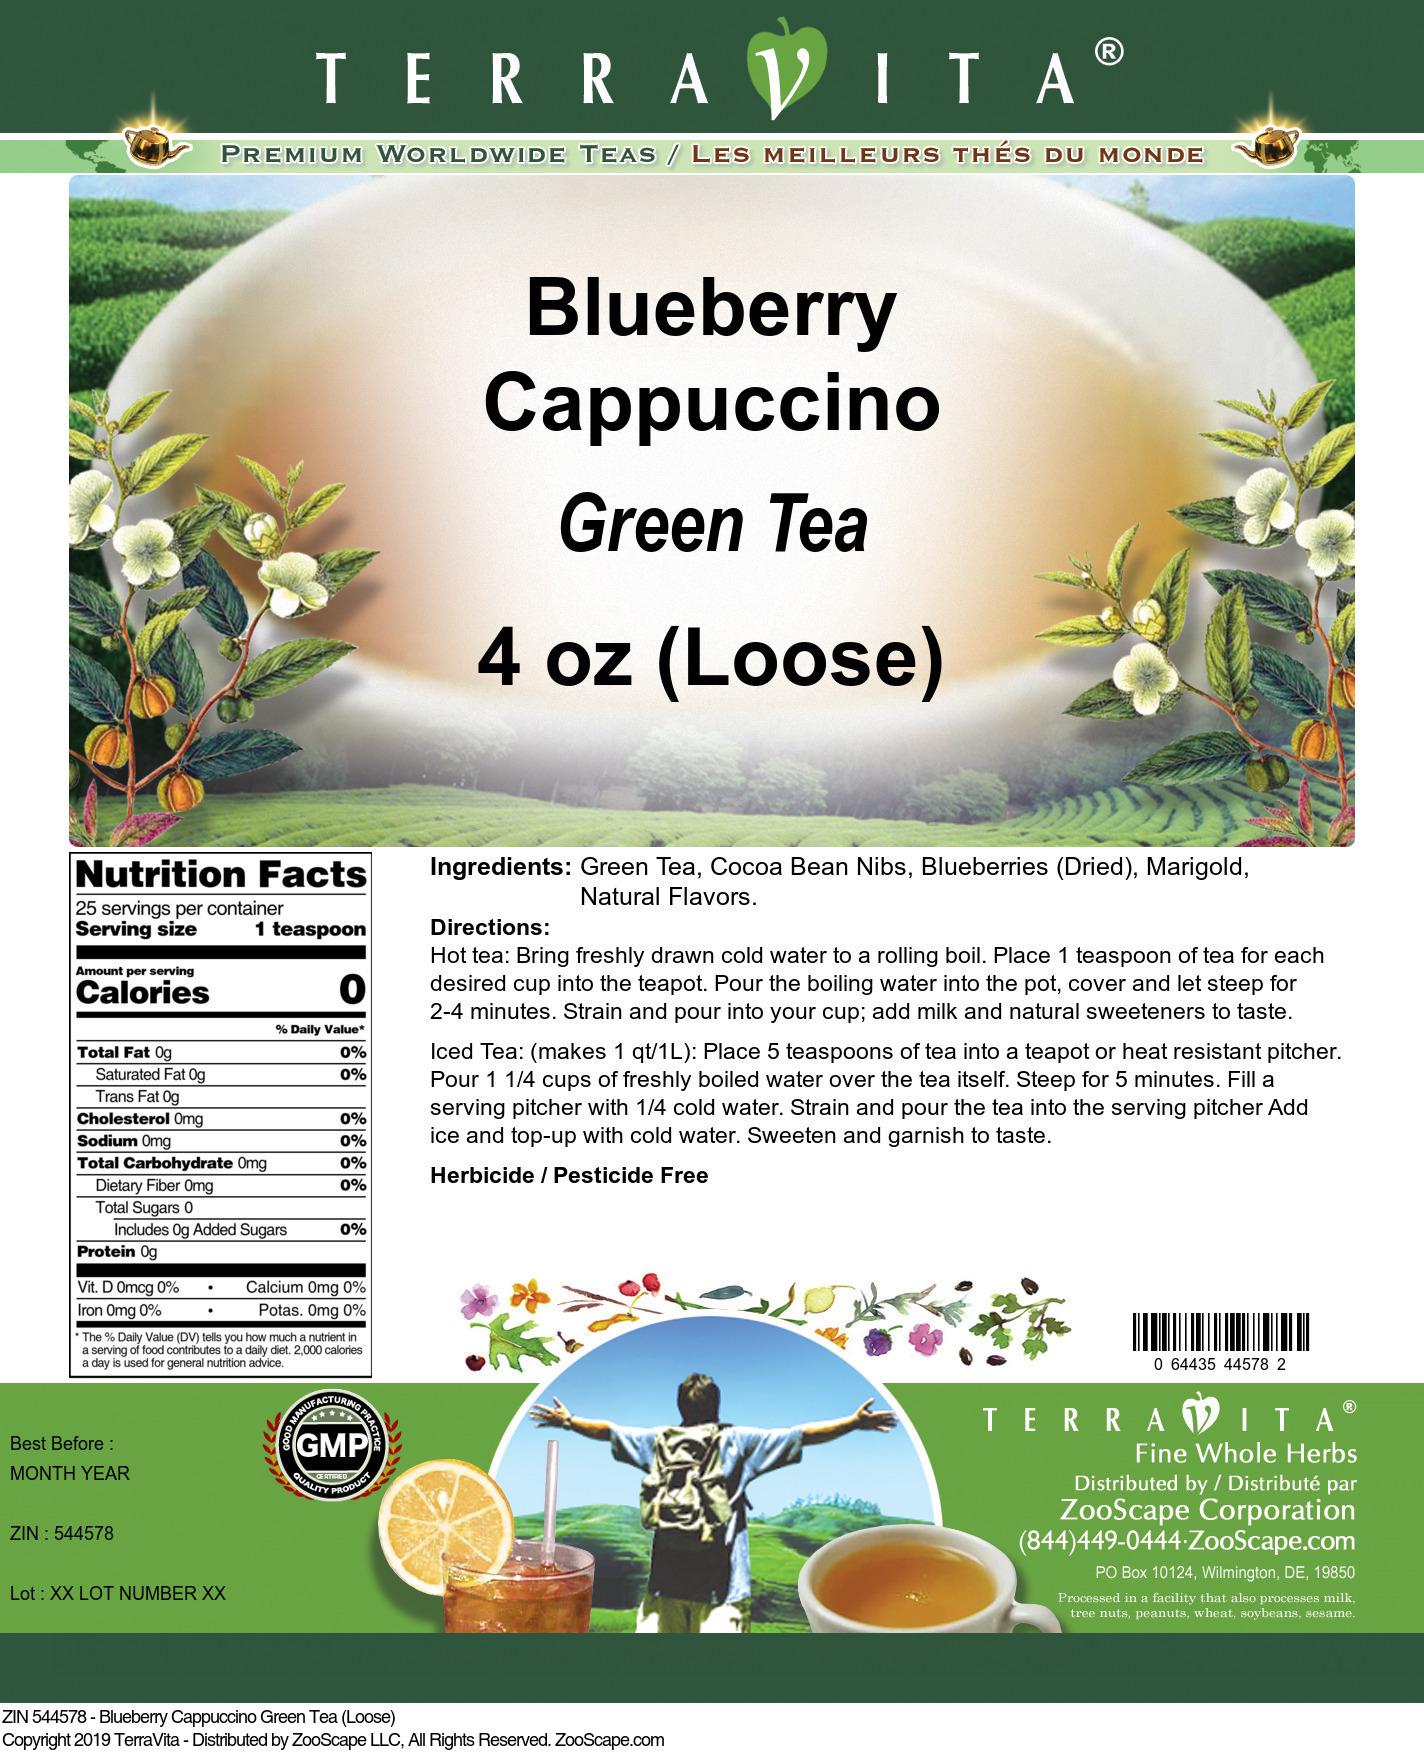 Blueberry Cappuccino Green Tea (Loose)